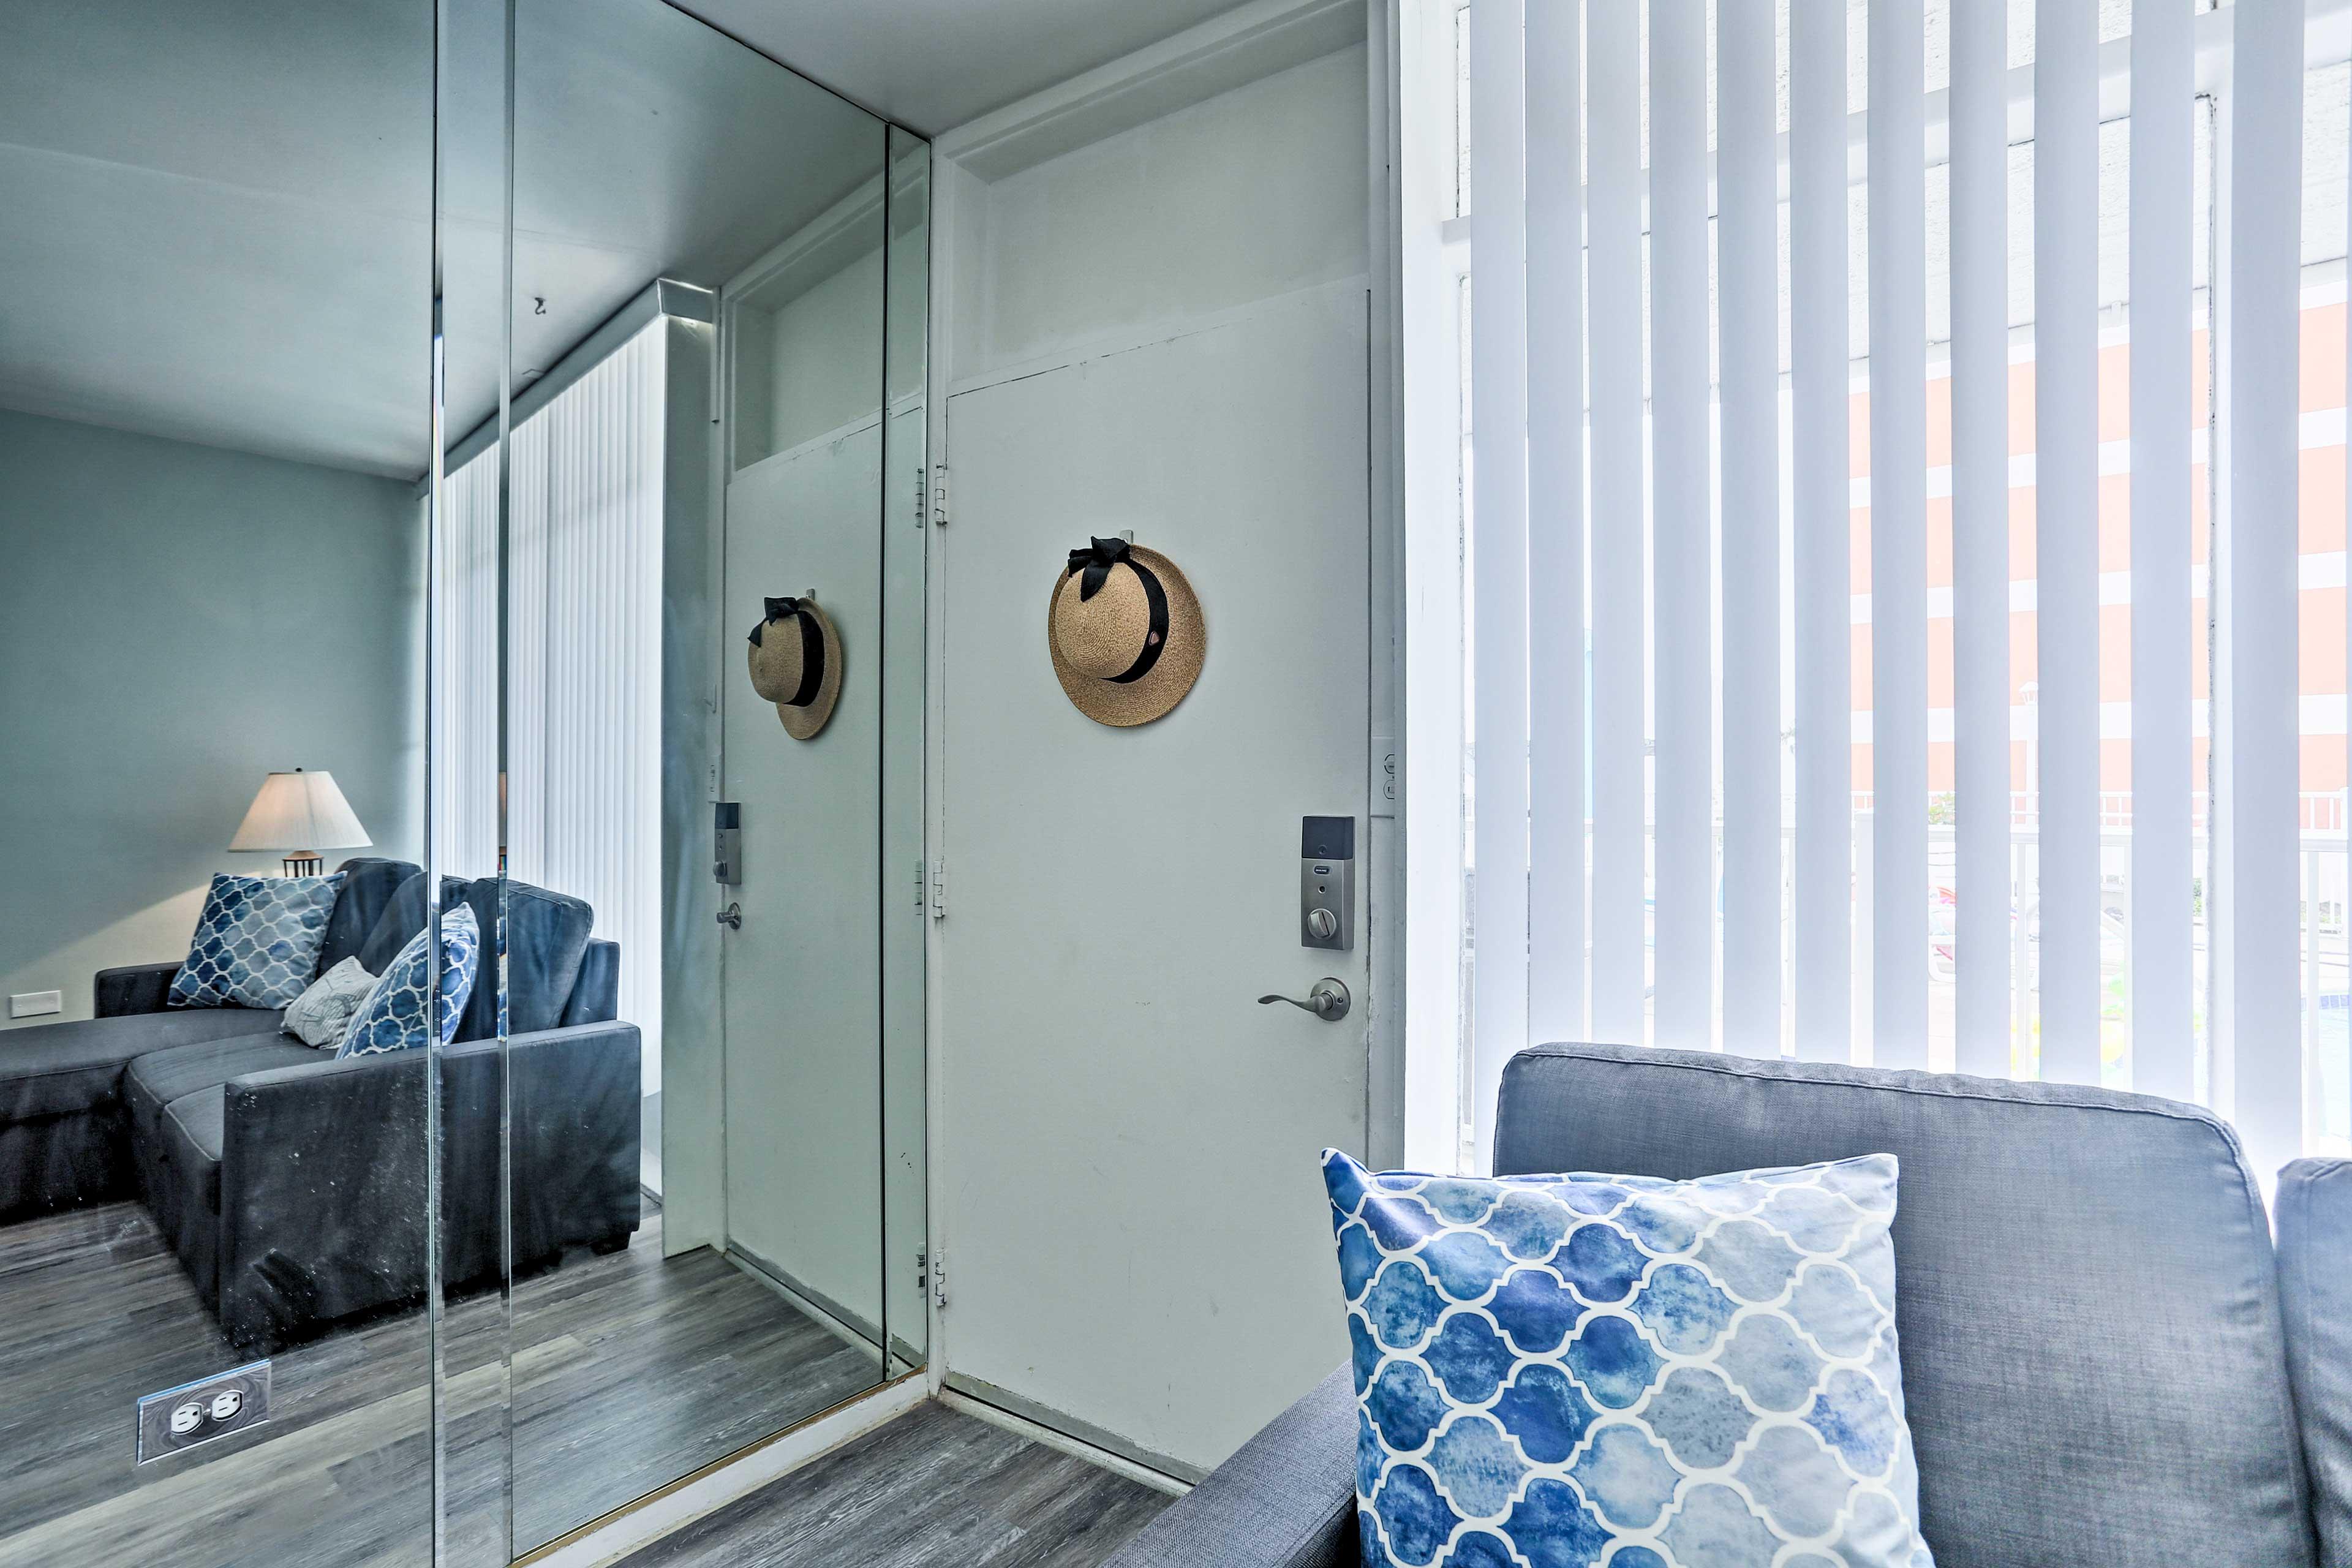 Open the door to enjoy Virginia Beach - just steps from the front door!